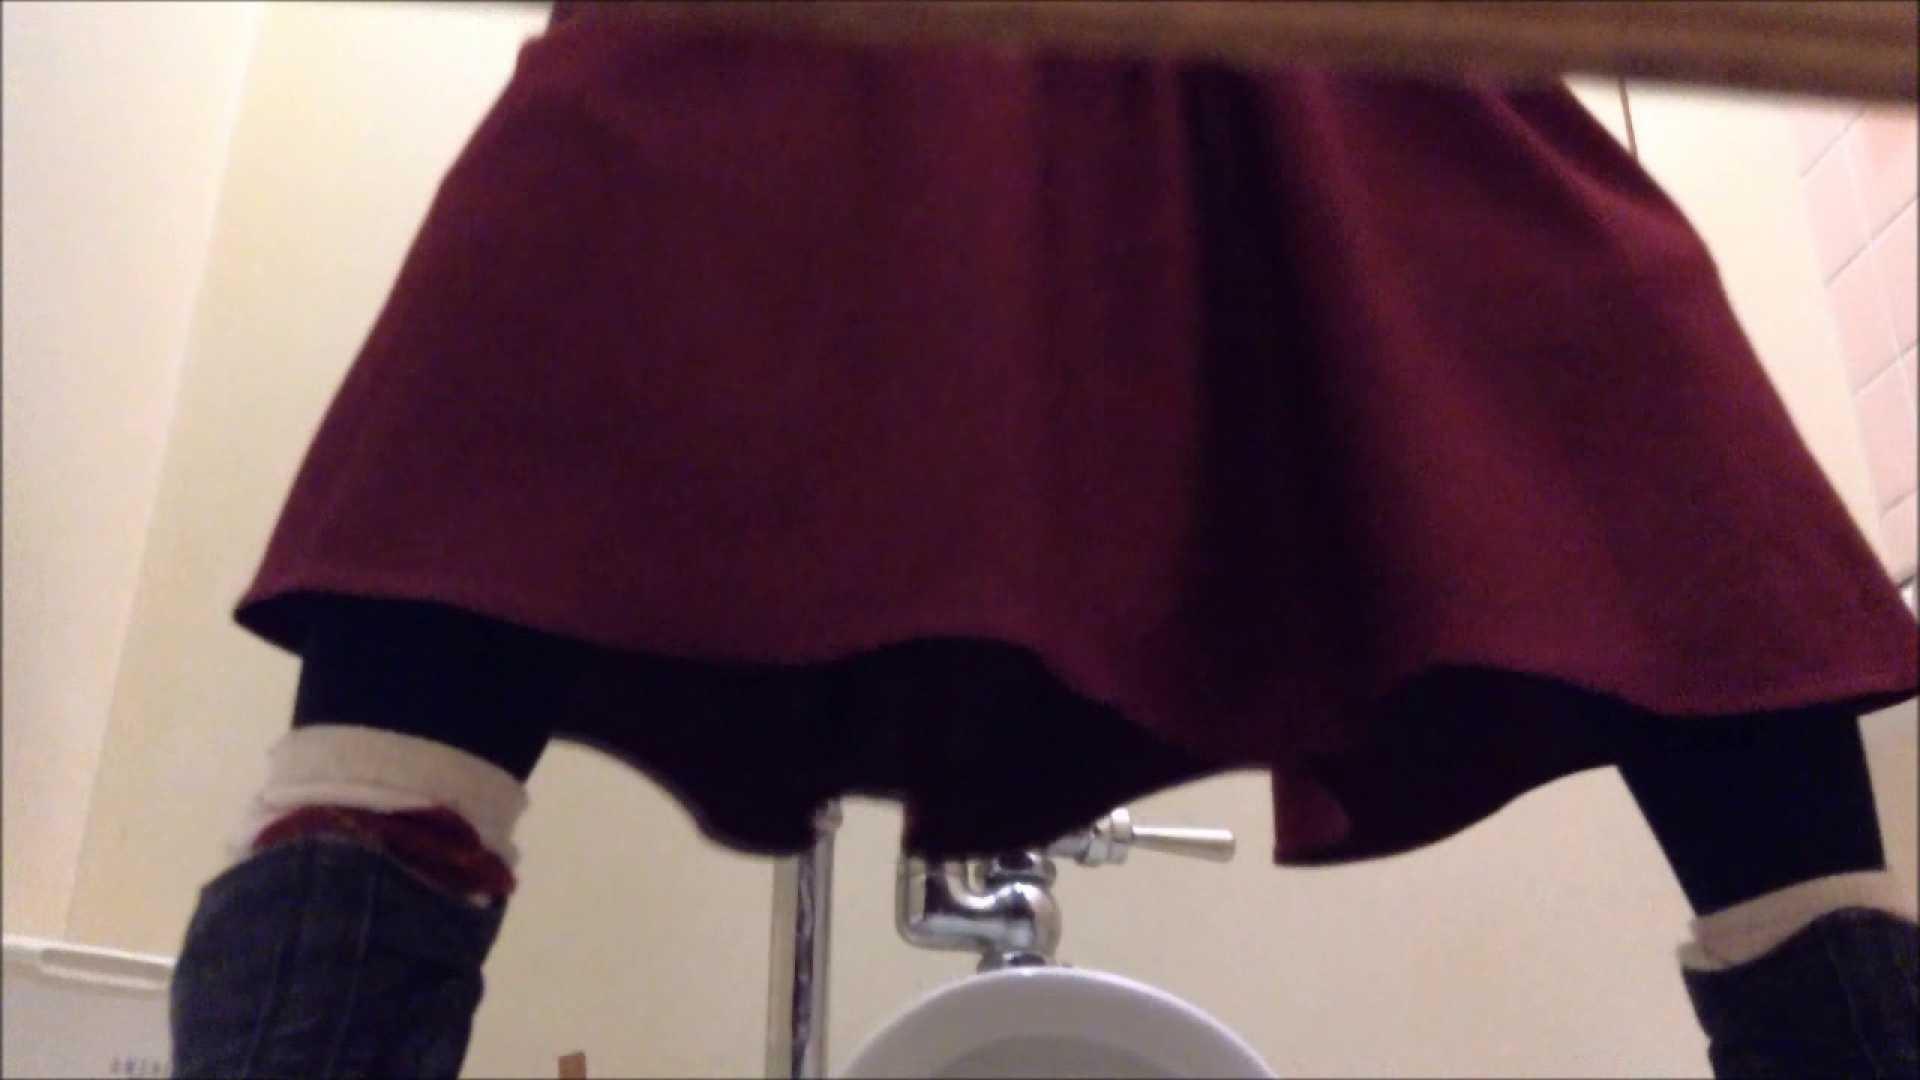 某有名大学女性洗面所 vol.12 OL  78pic 61